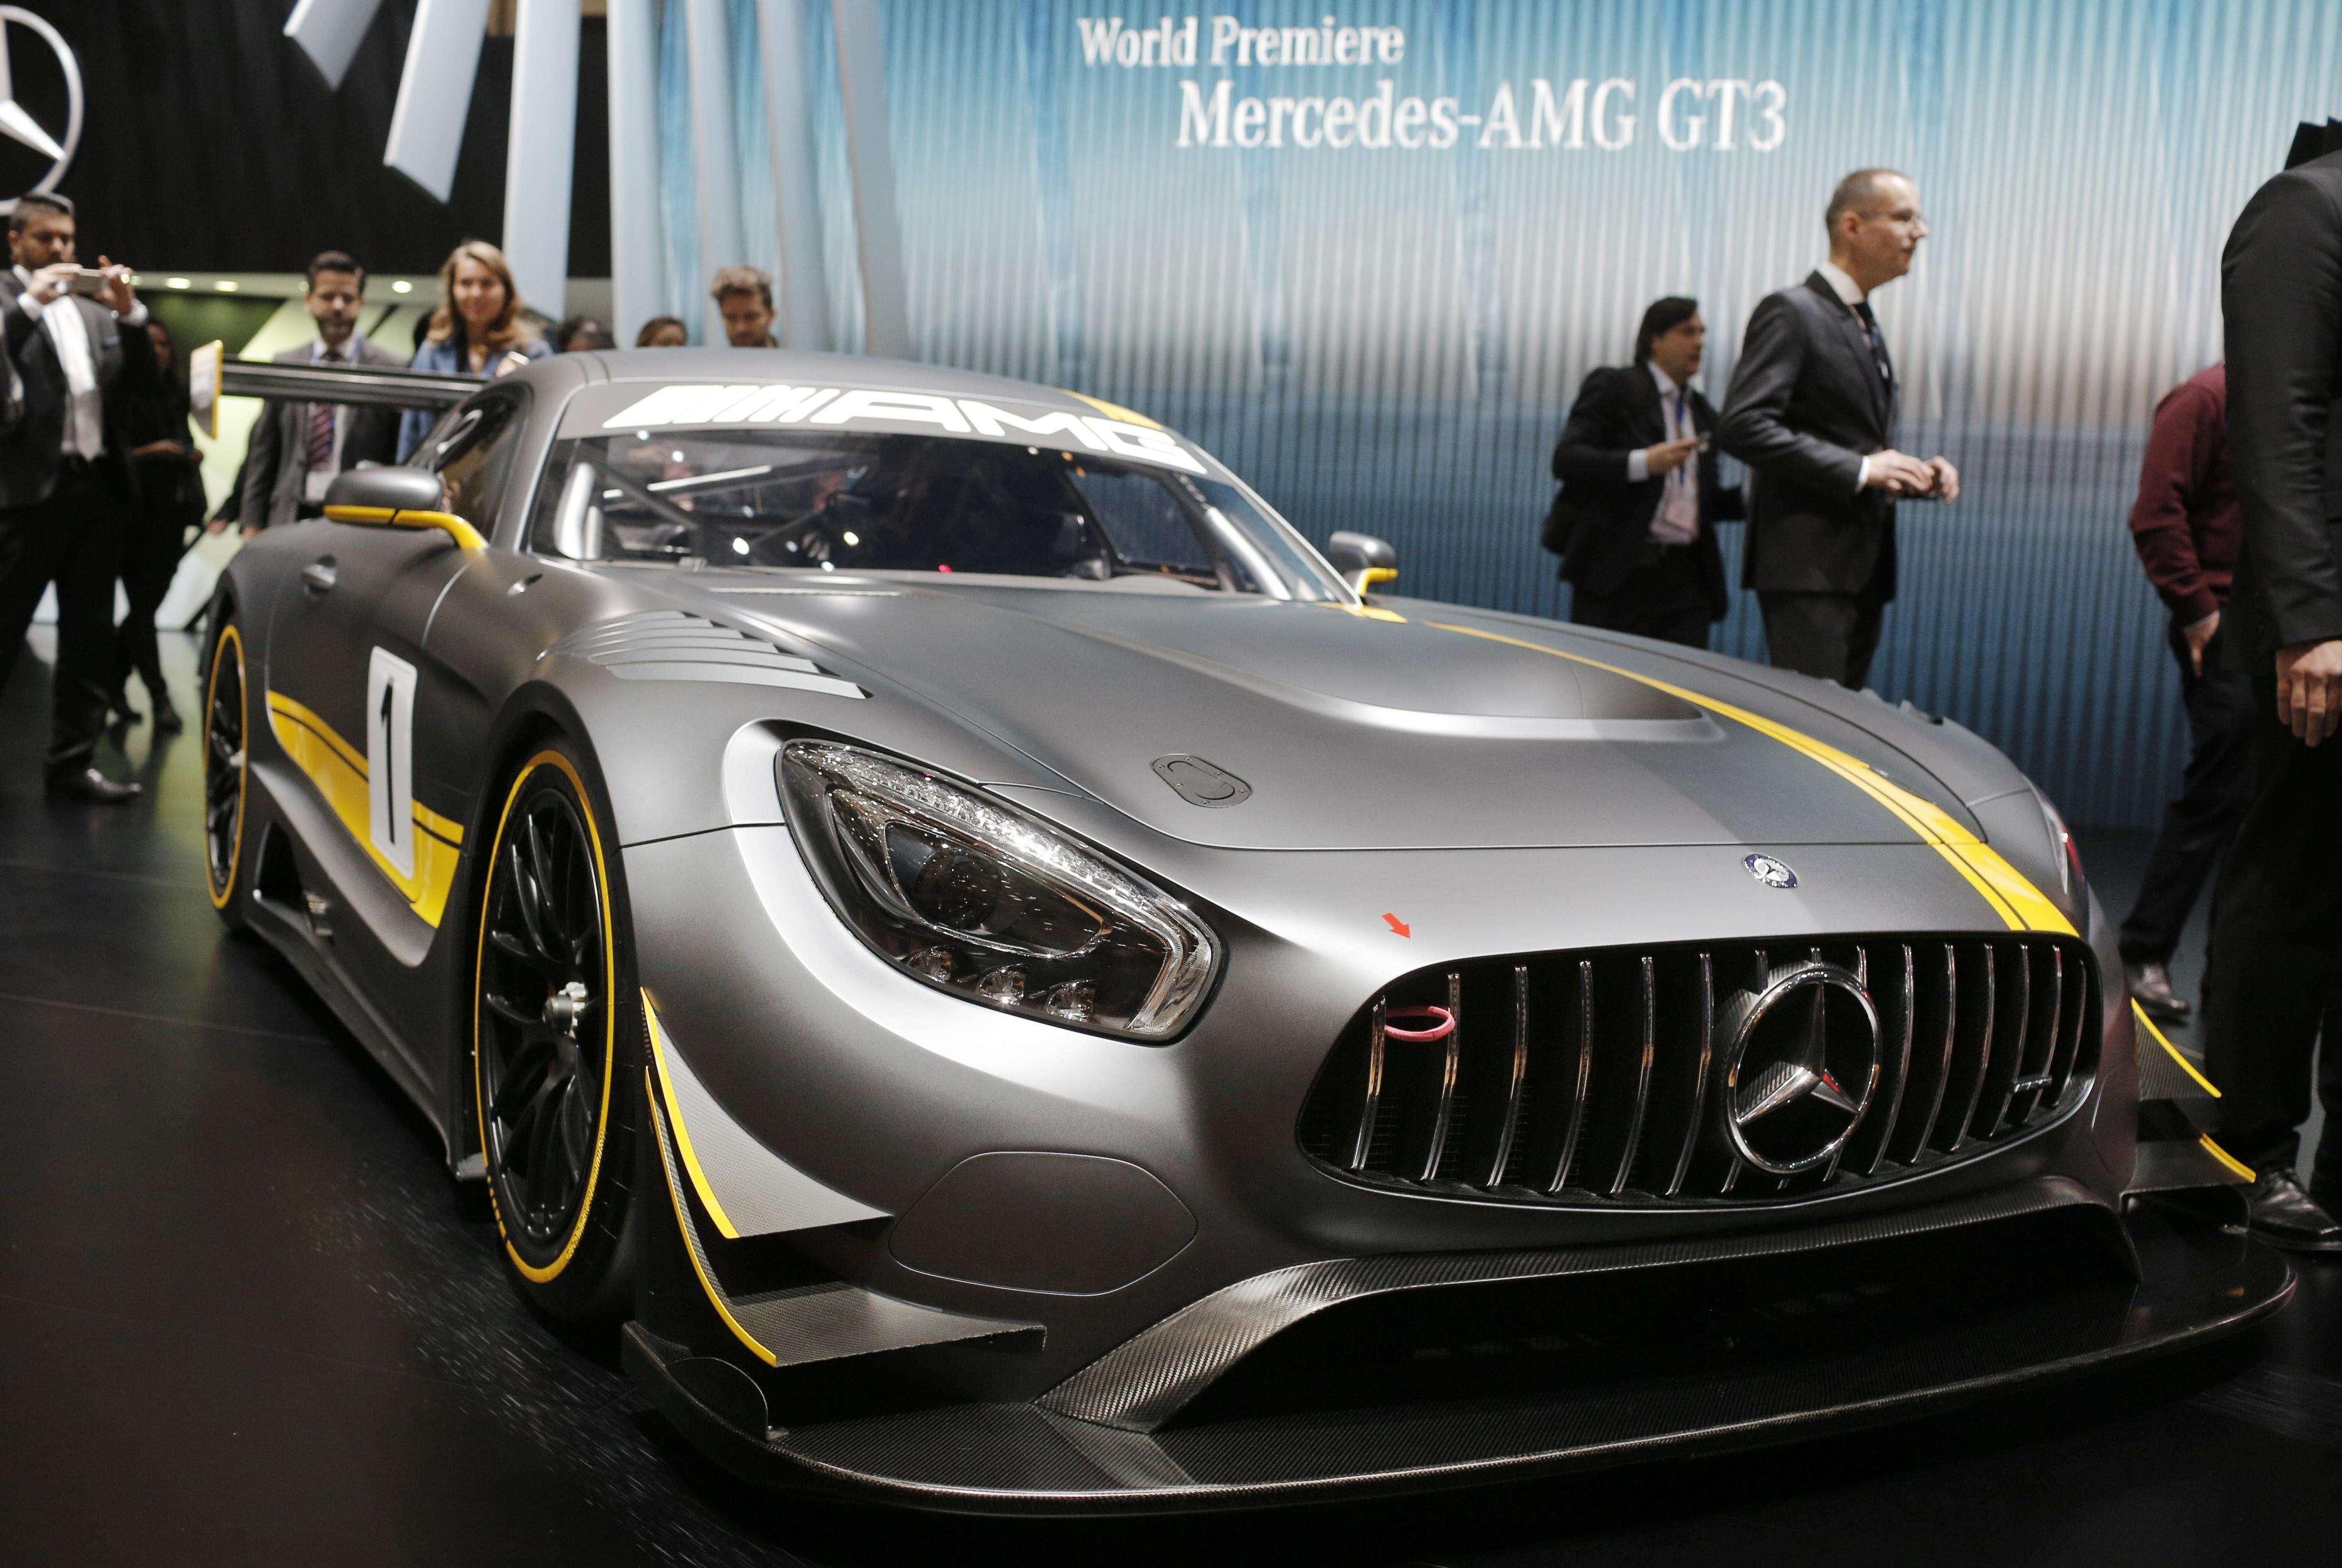 El Mercedes-AMG GT3, presentado en el Salón del Automóvil de Ginebra 2015. Foto: AP Photo